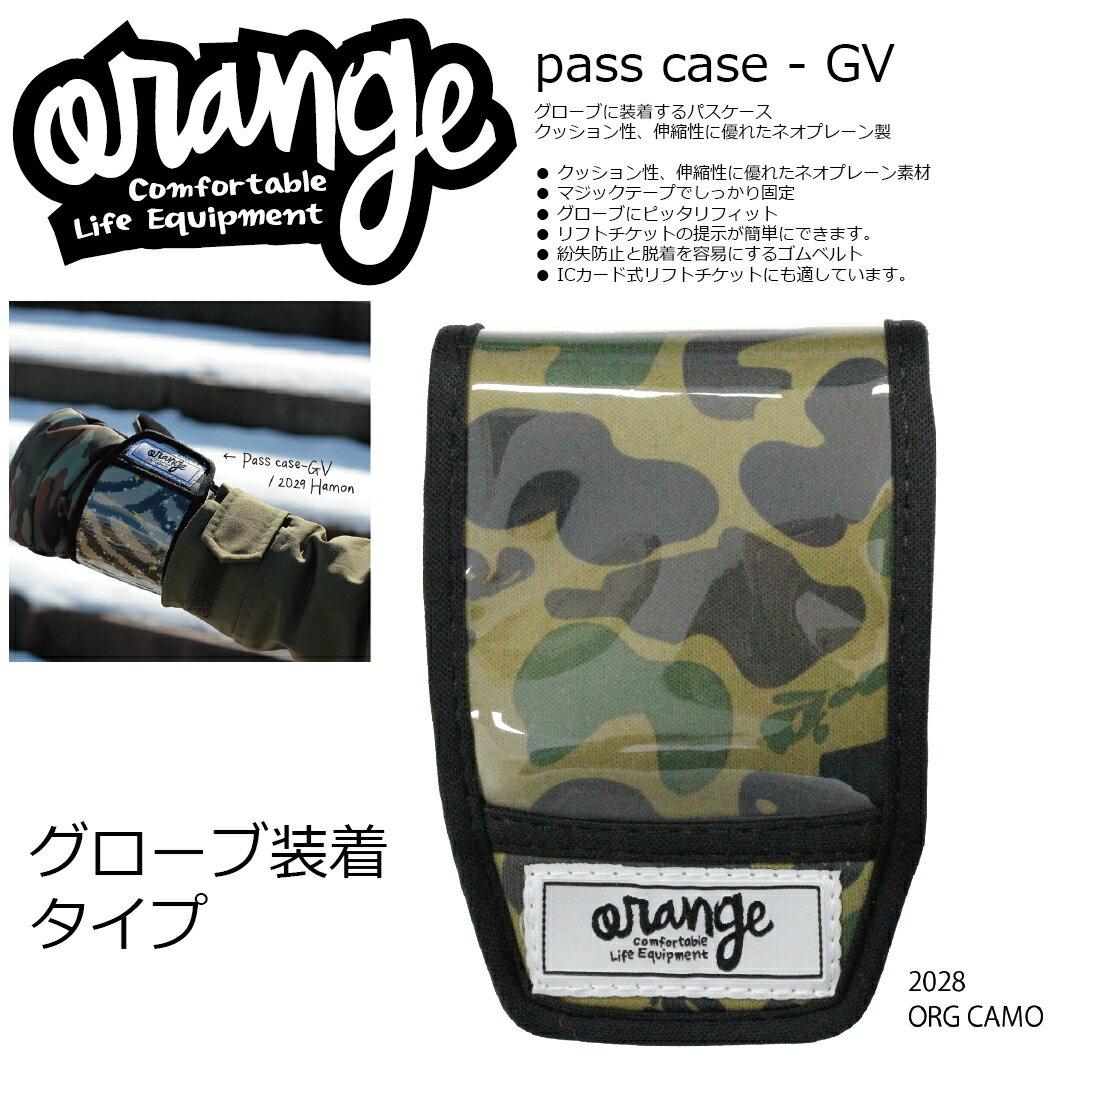 Oran'ge Pass-Case GV 2028 ORG CAMO オレンジ パスケース ジーワイ グローブ装着タイプ ヨコ 2017 2017-18